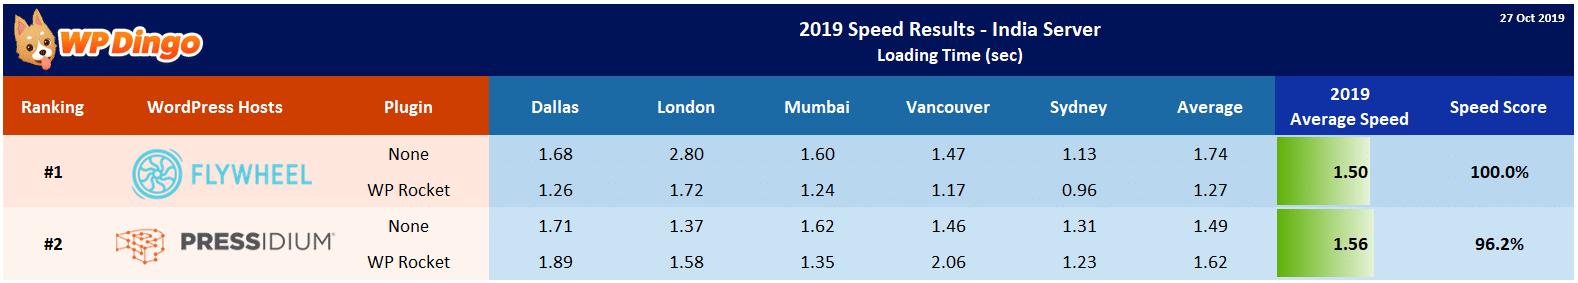 2019 Flywheel vs Pressidium Speed Table - India Server